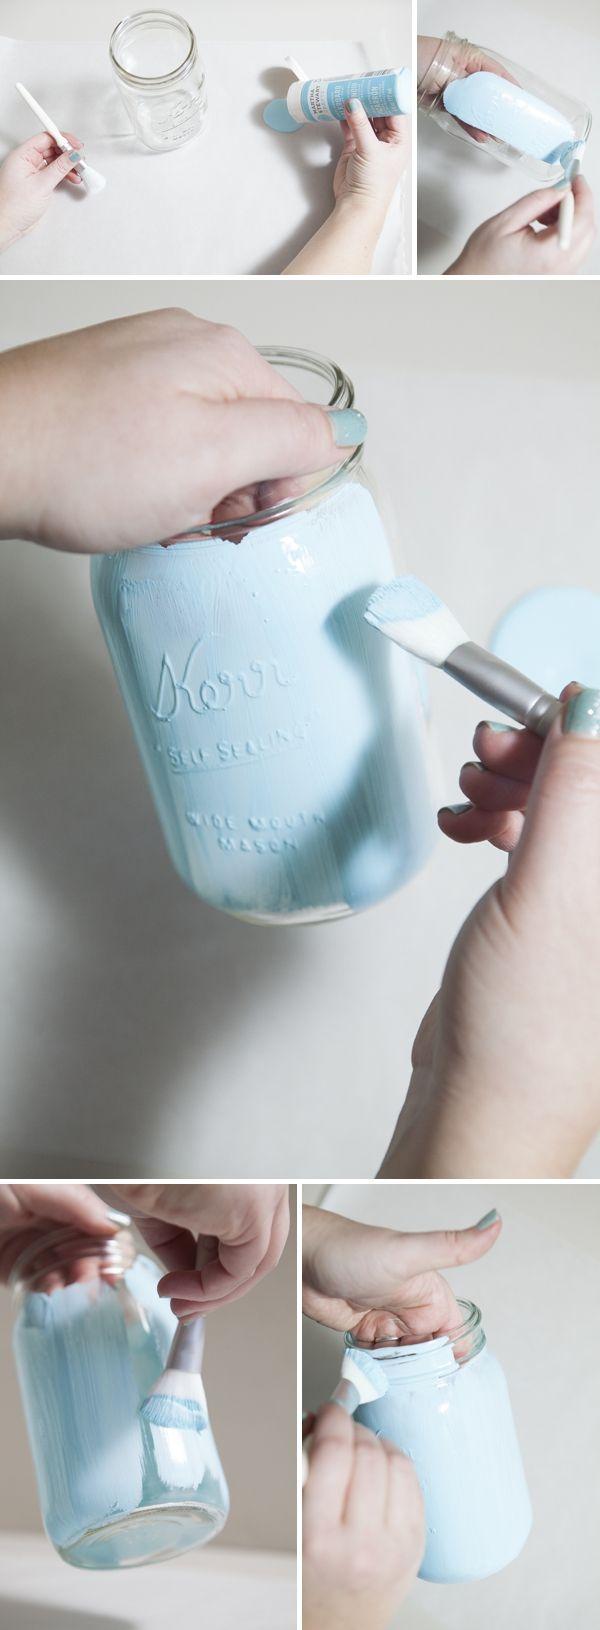 Badezimmer einmachglas ideen how to make distressed chalkboard mason jars  bemalte gläser deko